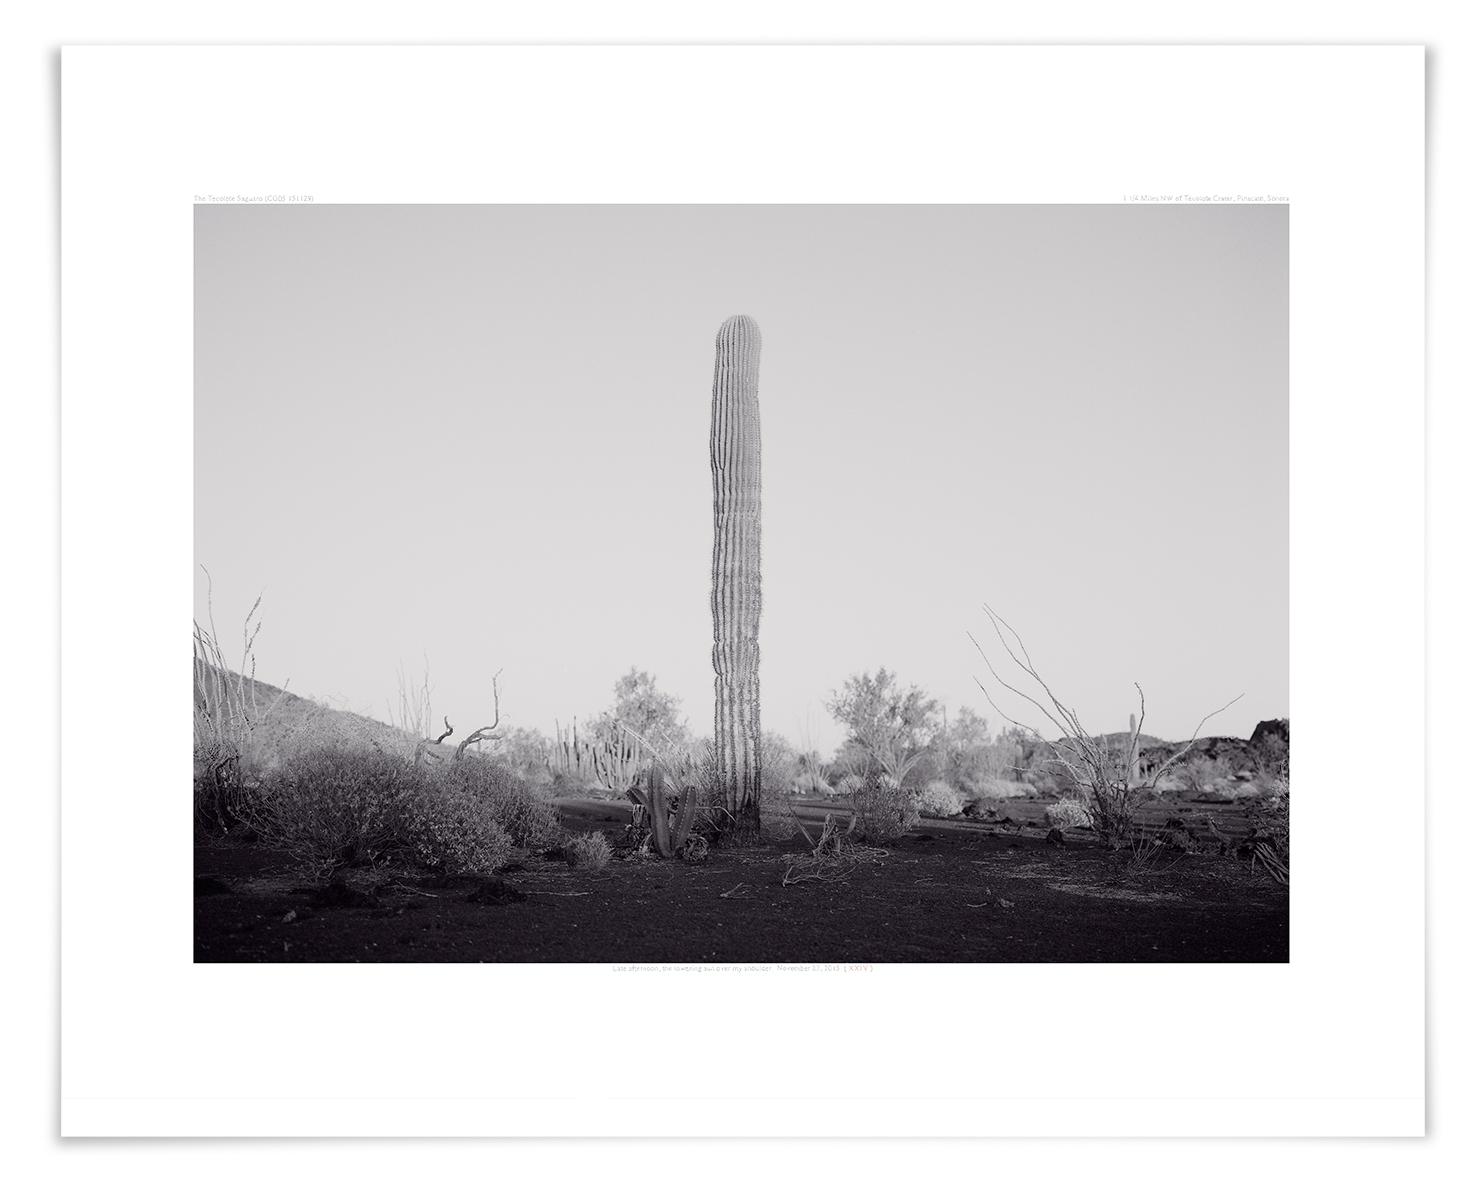 The Tecolote Saguaro (CG05 140423)   20 x 24 in (51 x 61 cm)